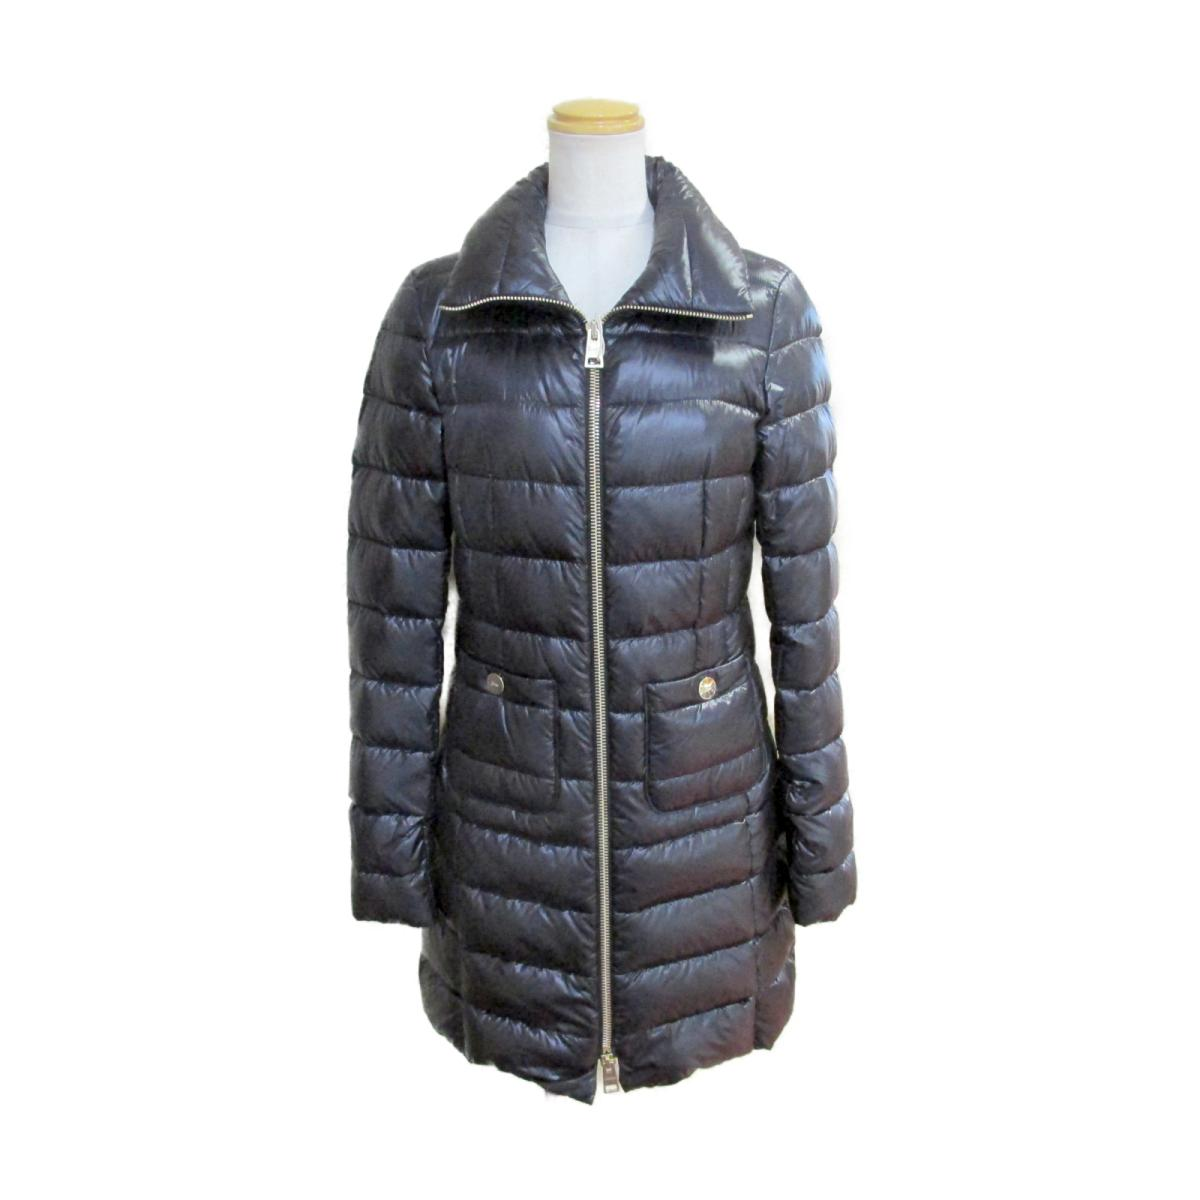 ヘルノ ジャケット 衣料品 レディース ポリアミド (100%) ブラック (PI0002DIC12017930038)   HERNO BRANDOFF ブランドオフ 衣類 ブランド レインコート